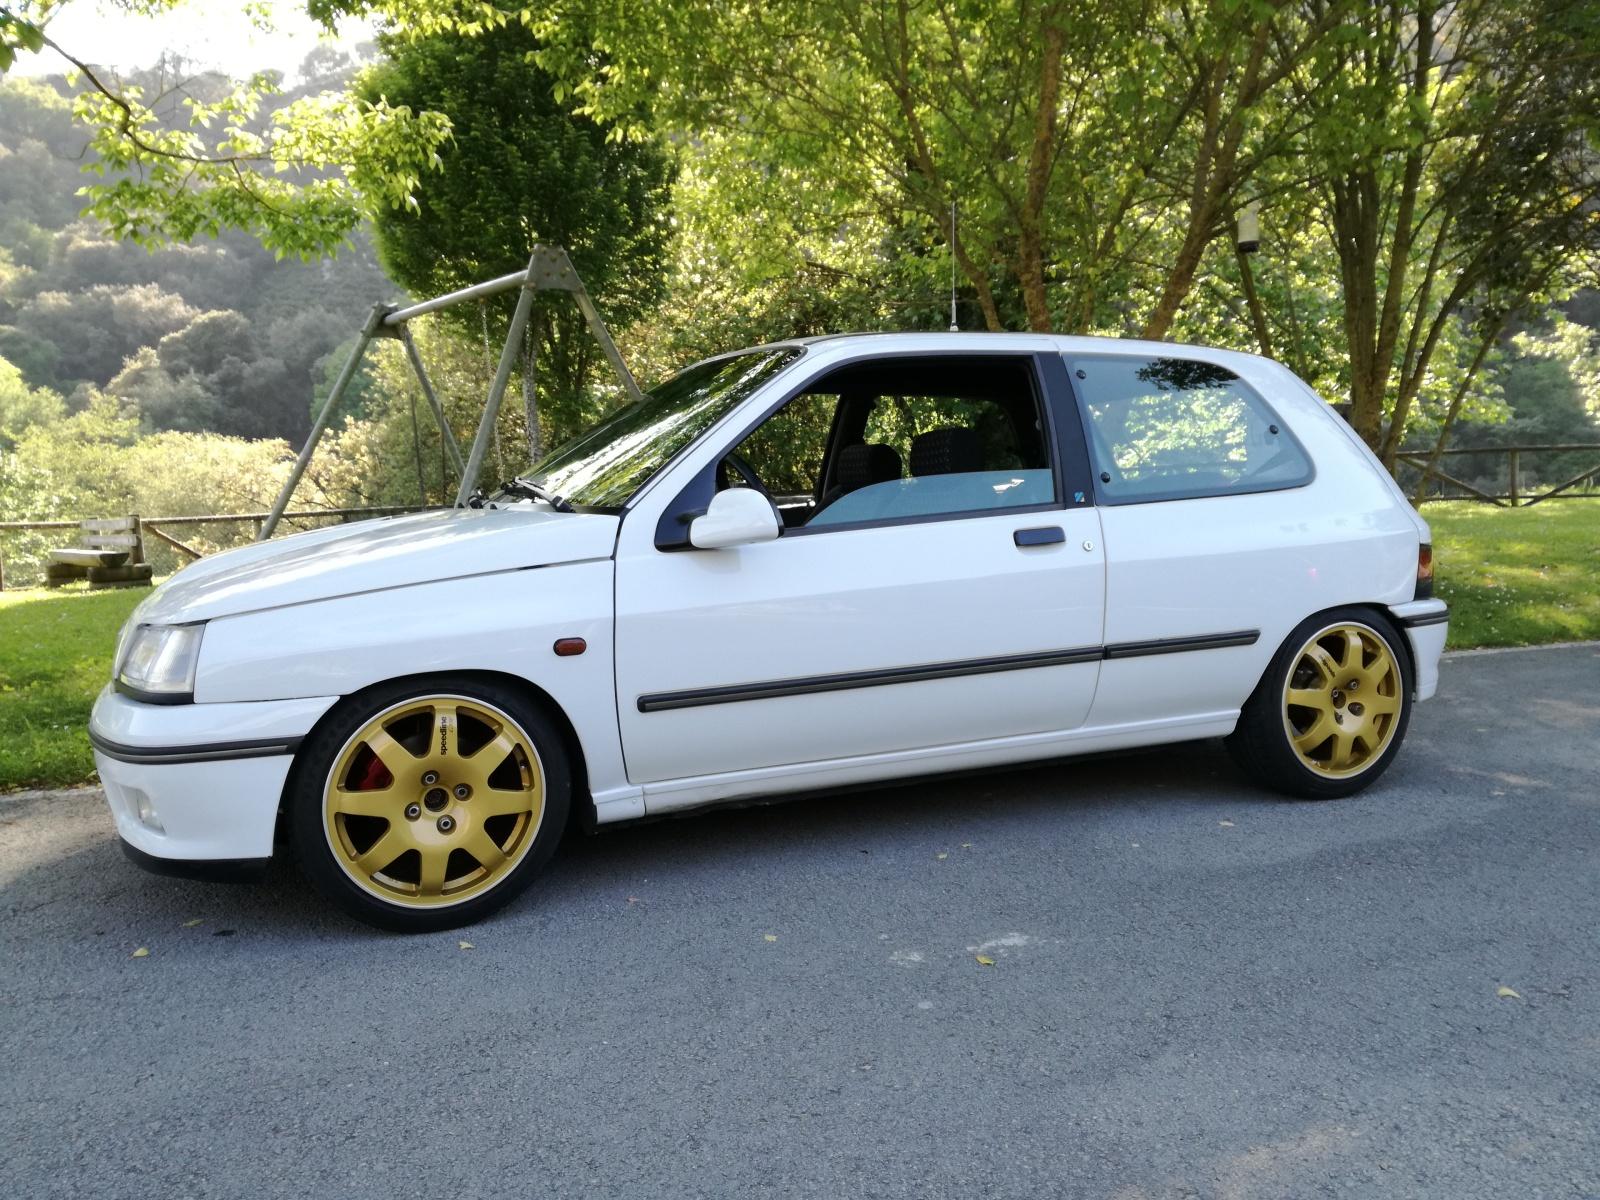 Presento el Renault Clio 16V 35cigz9